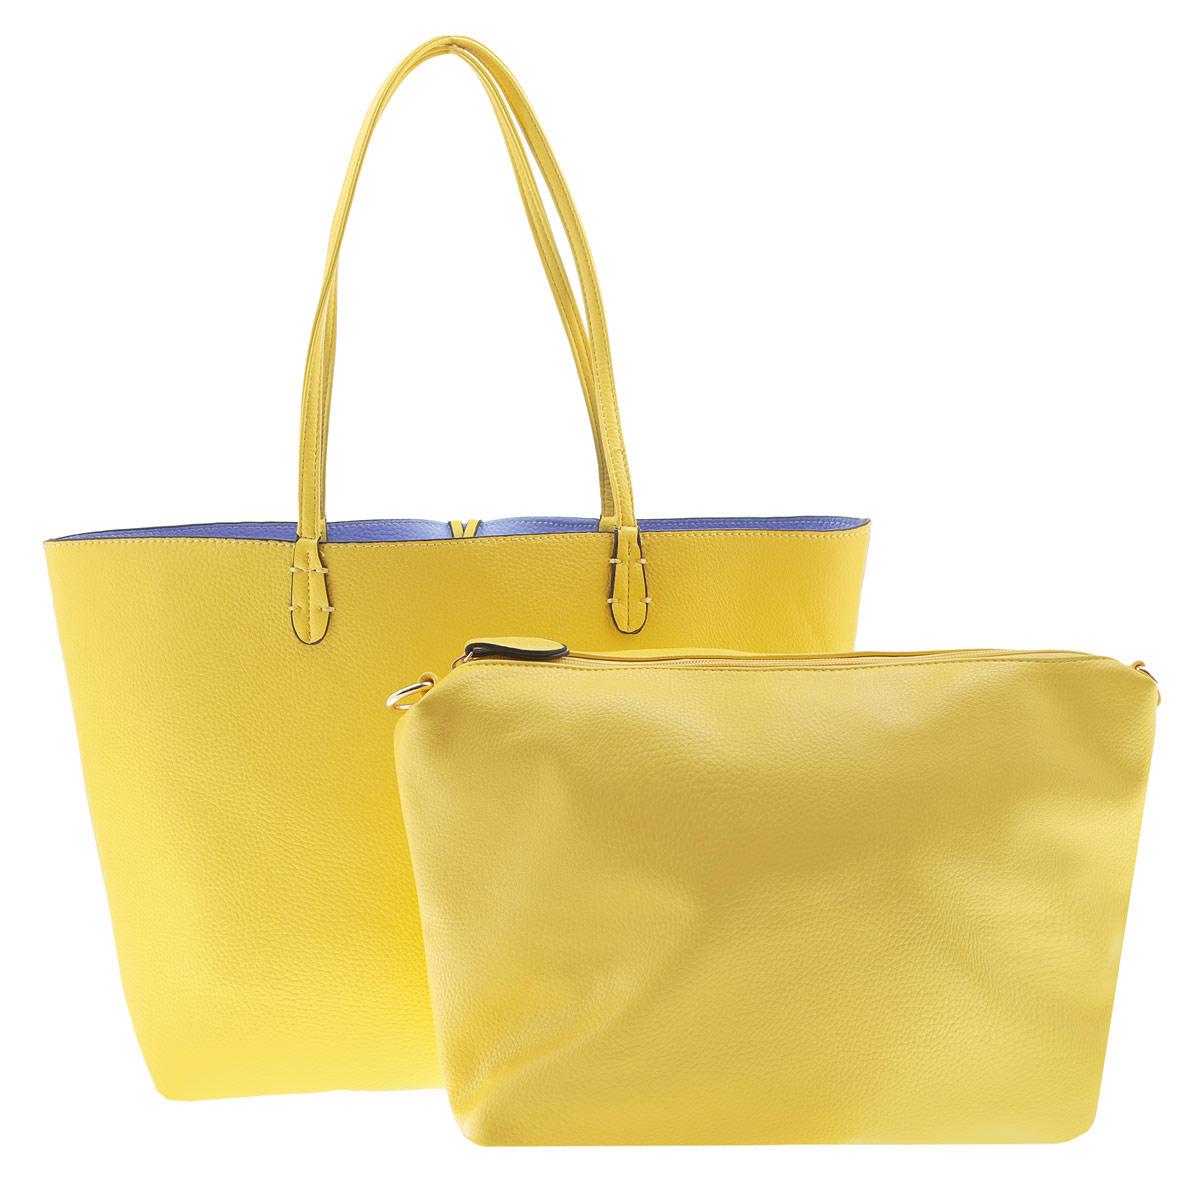 Сумка женская Dino Ricci, цвет: желтый. 2011-58-42011-58-4Яркая женская сумка от Dino Ricci из искусственной мягкой кожи с золотистой фурнитурой. Основное отделение сумки не имеет застежки. У модели имеется вынимаемое отделение из искусственной кожи с текстильной отделкой под молнией. Внутри отделение разделено карманом-средником на застежке-молнии, также оно снабжено двумя накладными кармашками для мелочей и телефона и врезным карманом на молнии. Вынимаемое отделение дополнено врезным карманом на молнии с наружной стороны. Сумка оснащена двумя удобными ручками и регулируемым плечевым ремнём. Изделие упаковано чехол. Стильный дизайн сумки, позволит вам подчеркнуть свою индивидуальность и сделает ваш образ завершенным.